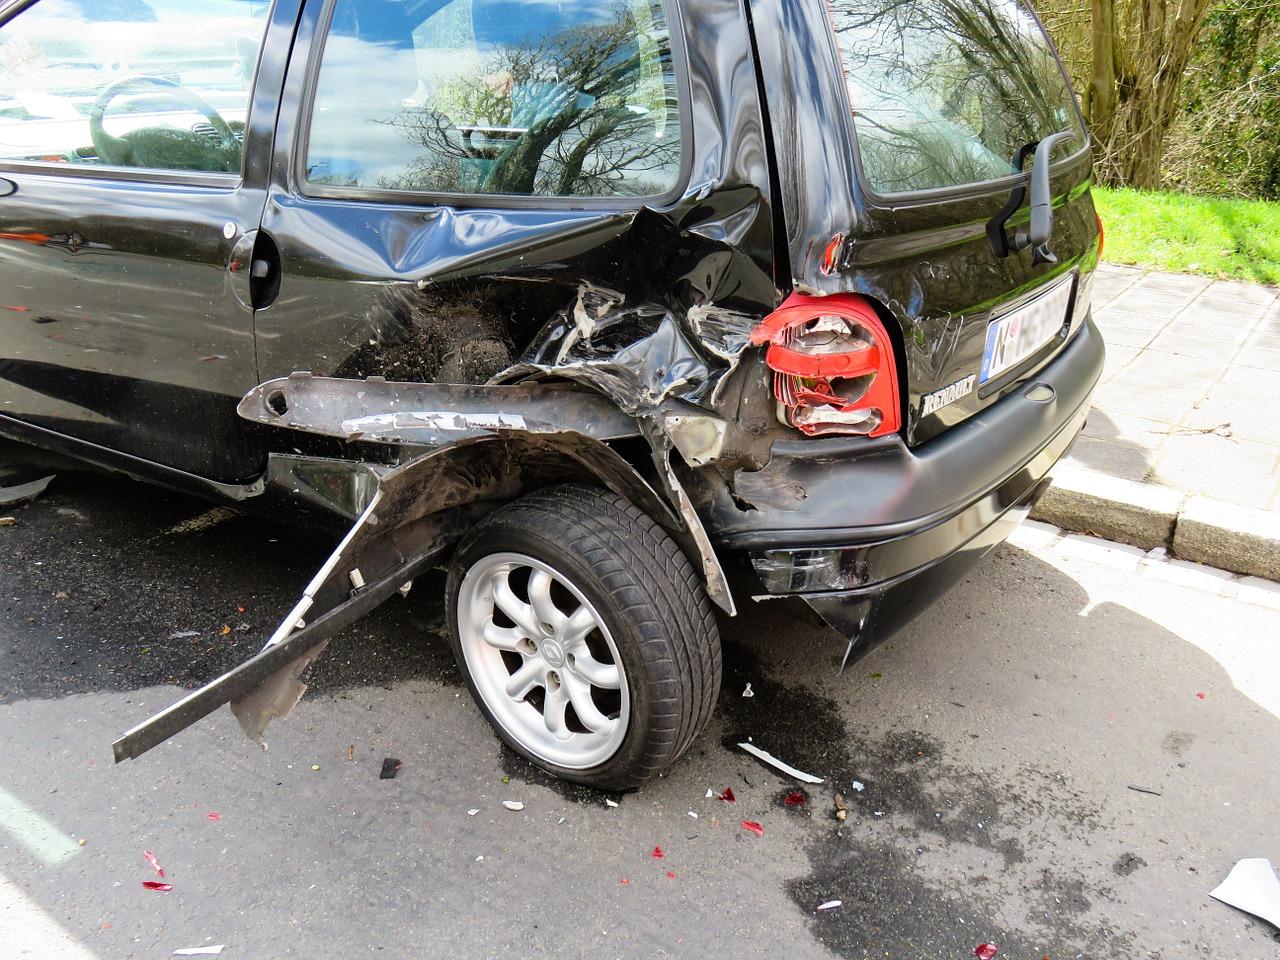 accident-1409005_1280